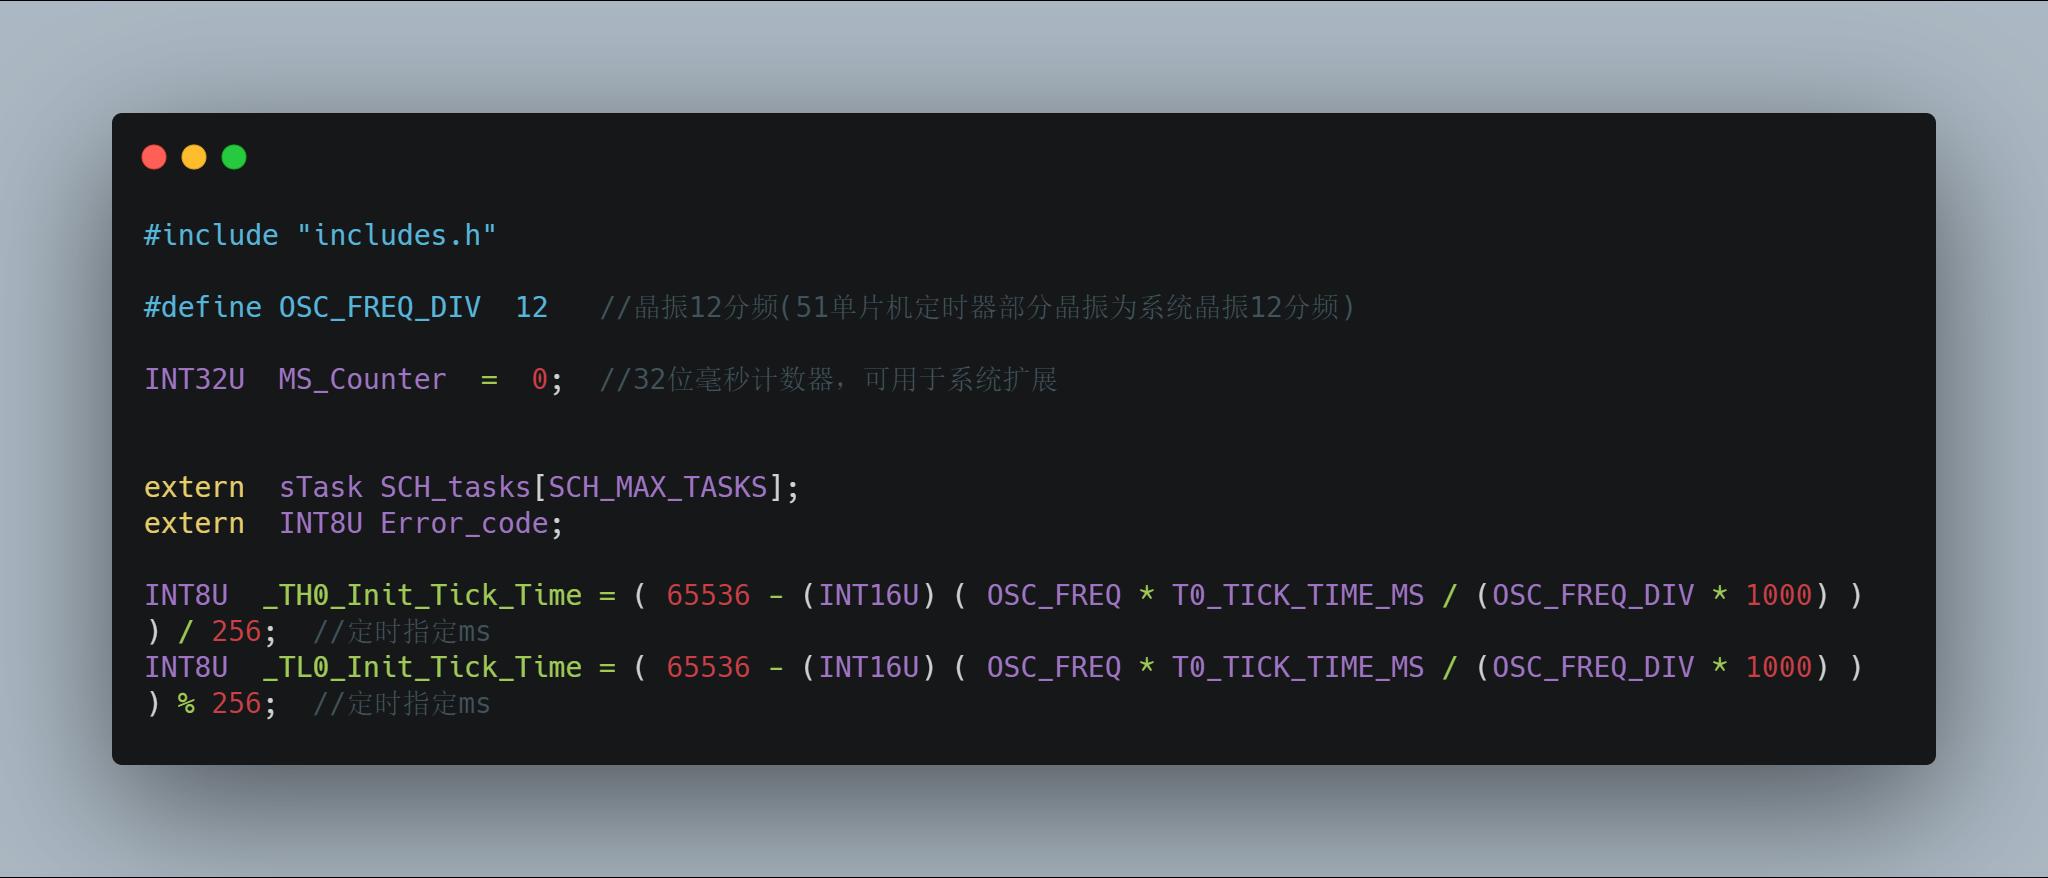 Scala面向对象编程之对象